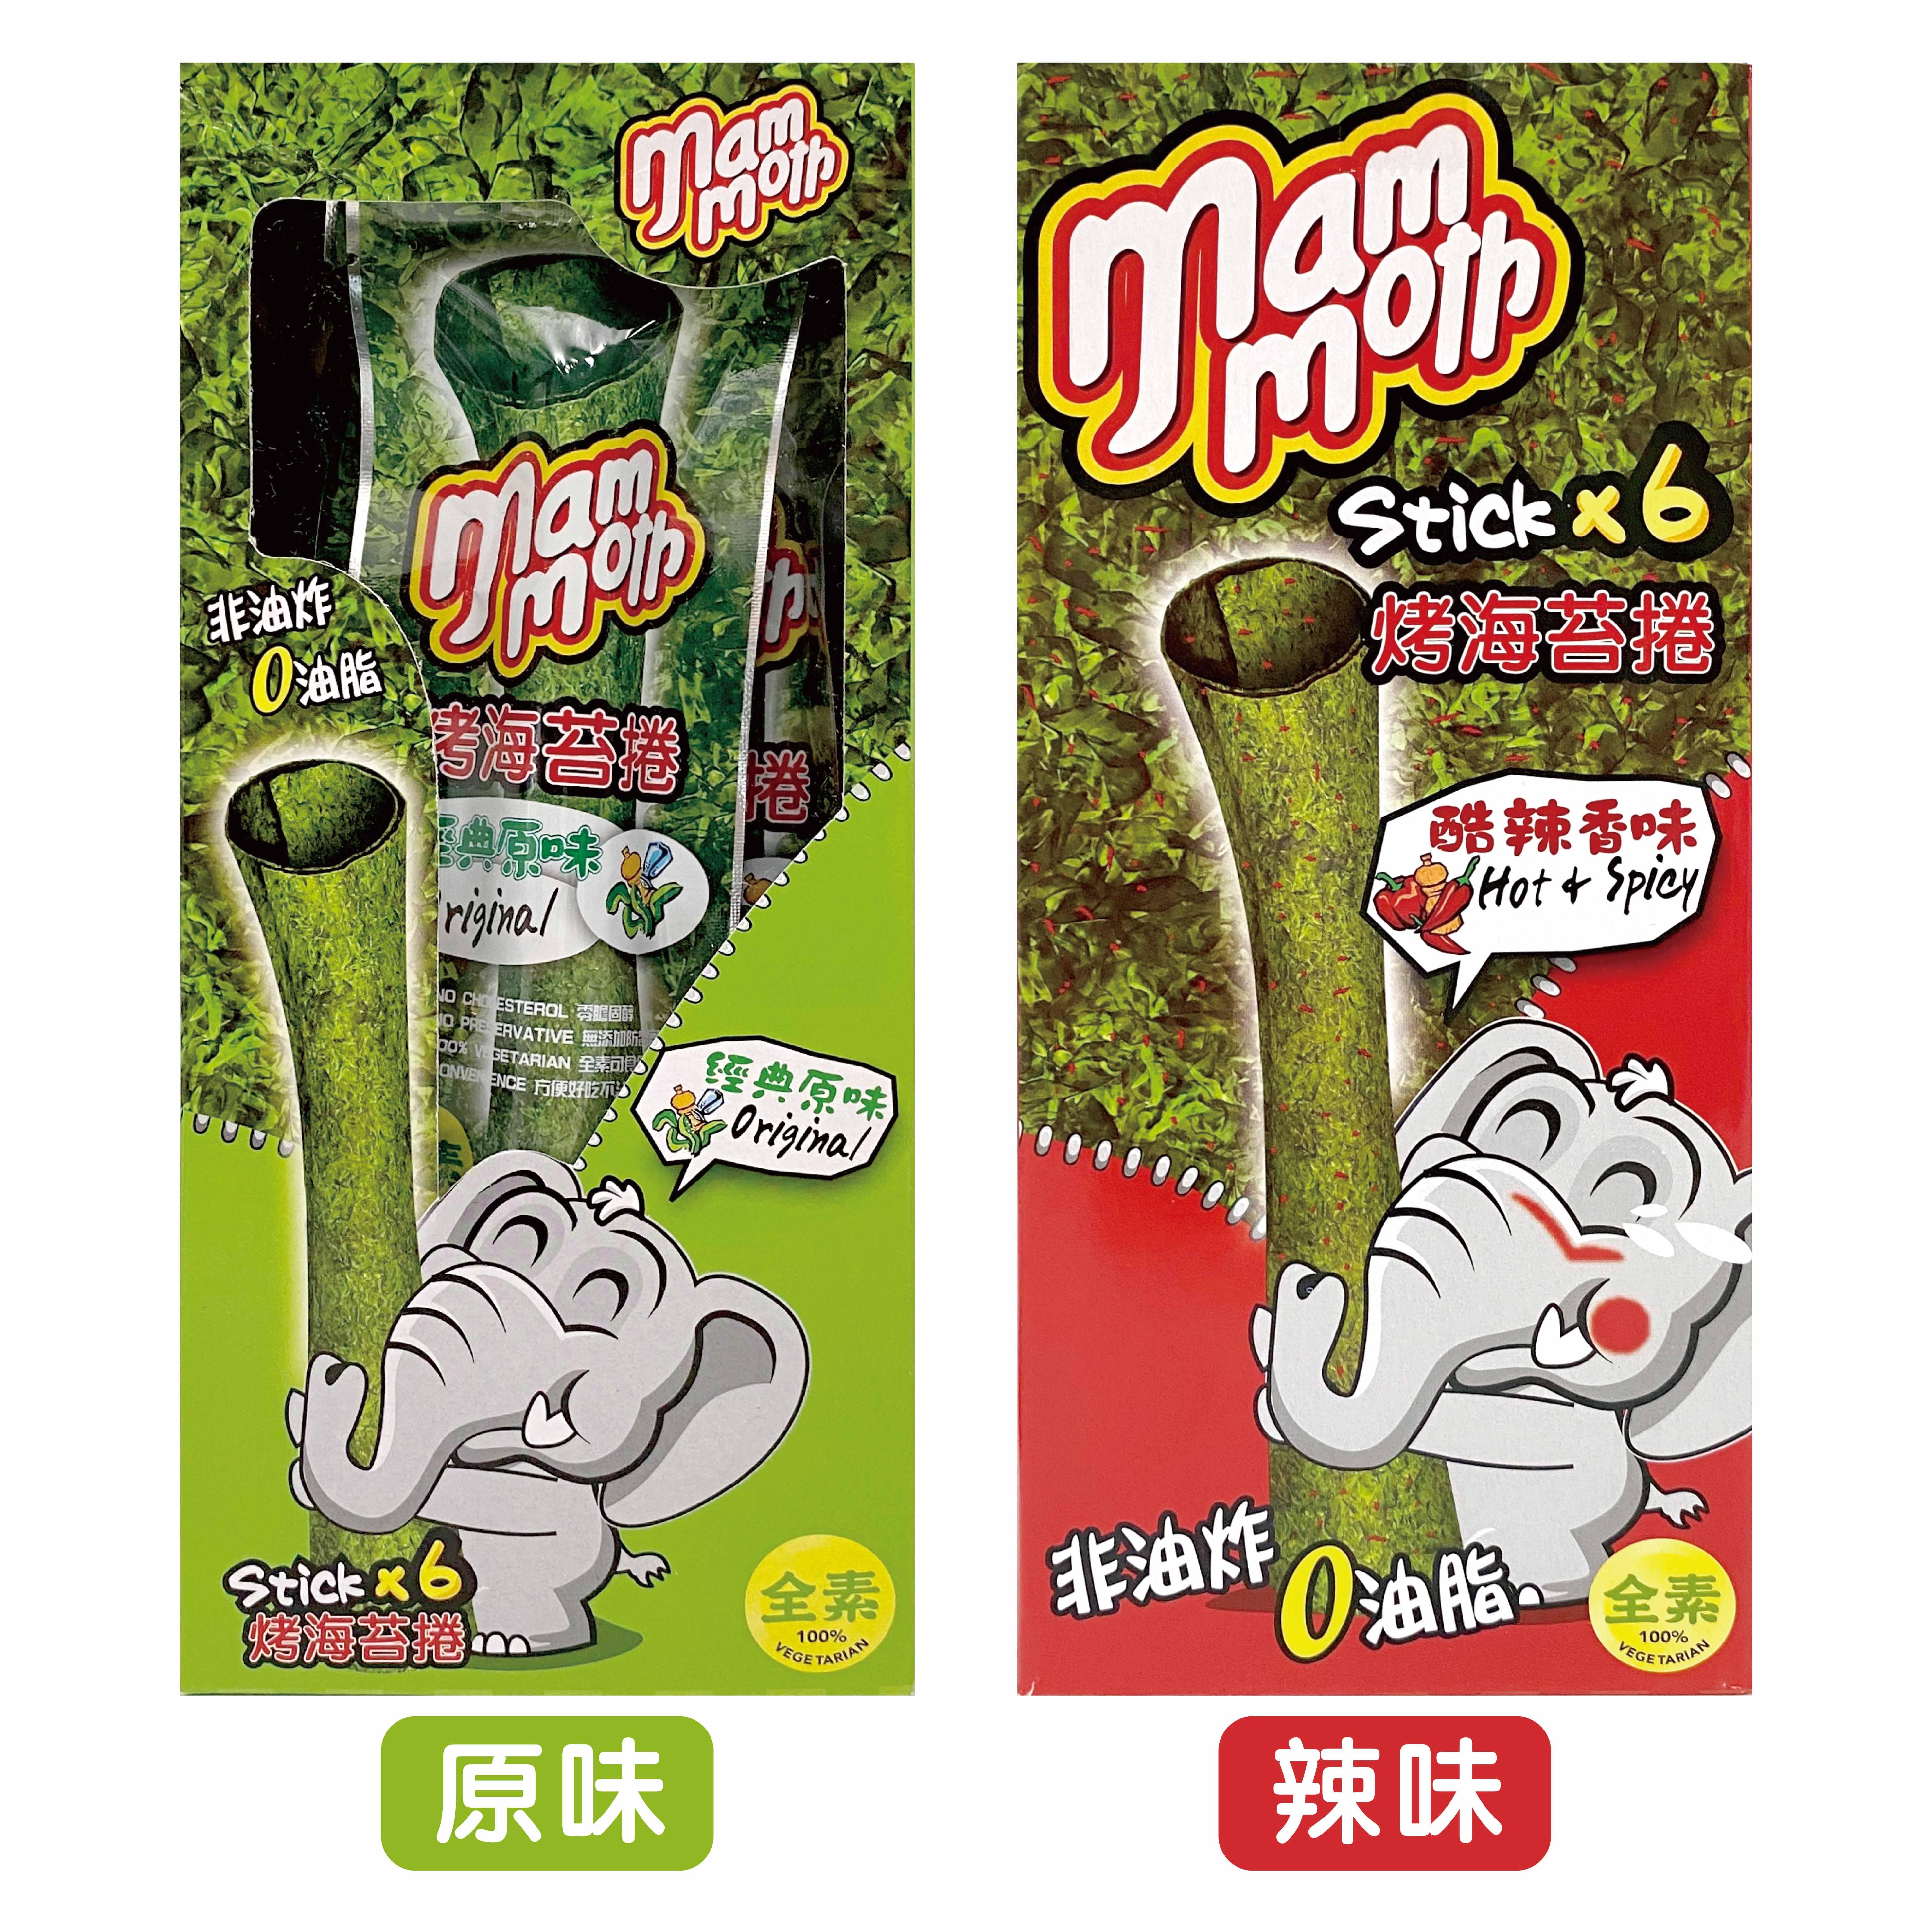 泰國 mm 大象 泰式烤海苔捲18g (酷辣香味/經典原味)